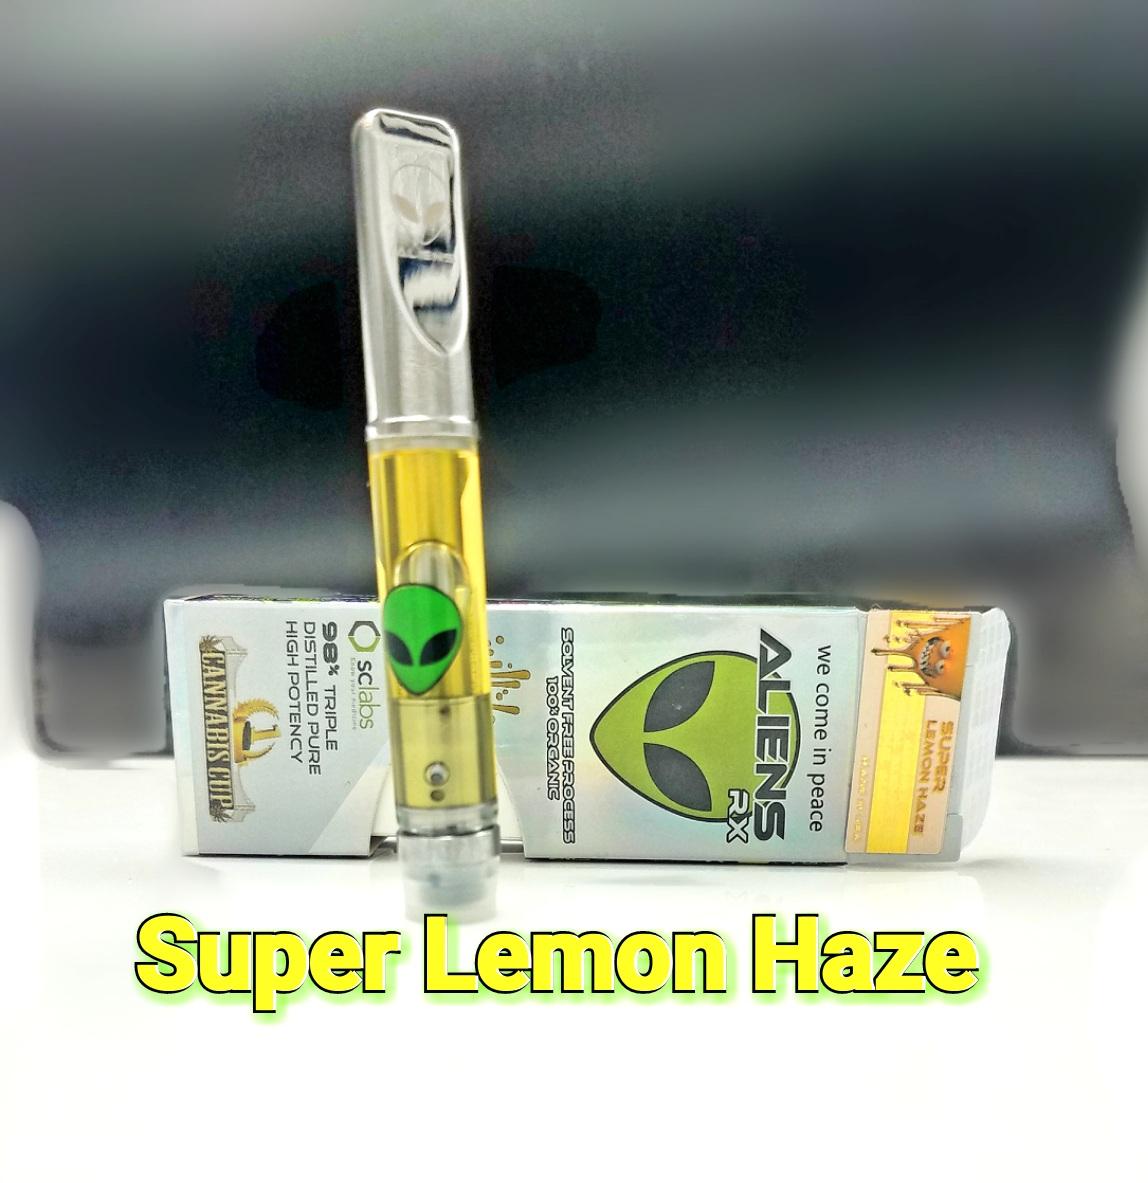 AliensRX Super Lemon Haze - 1800 MG